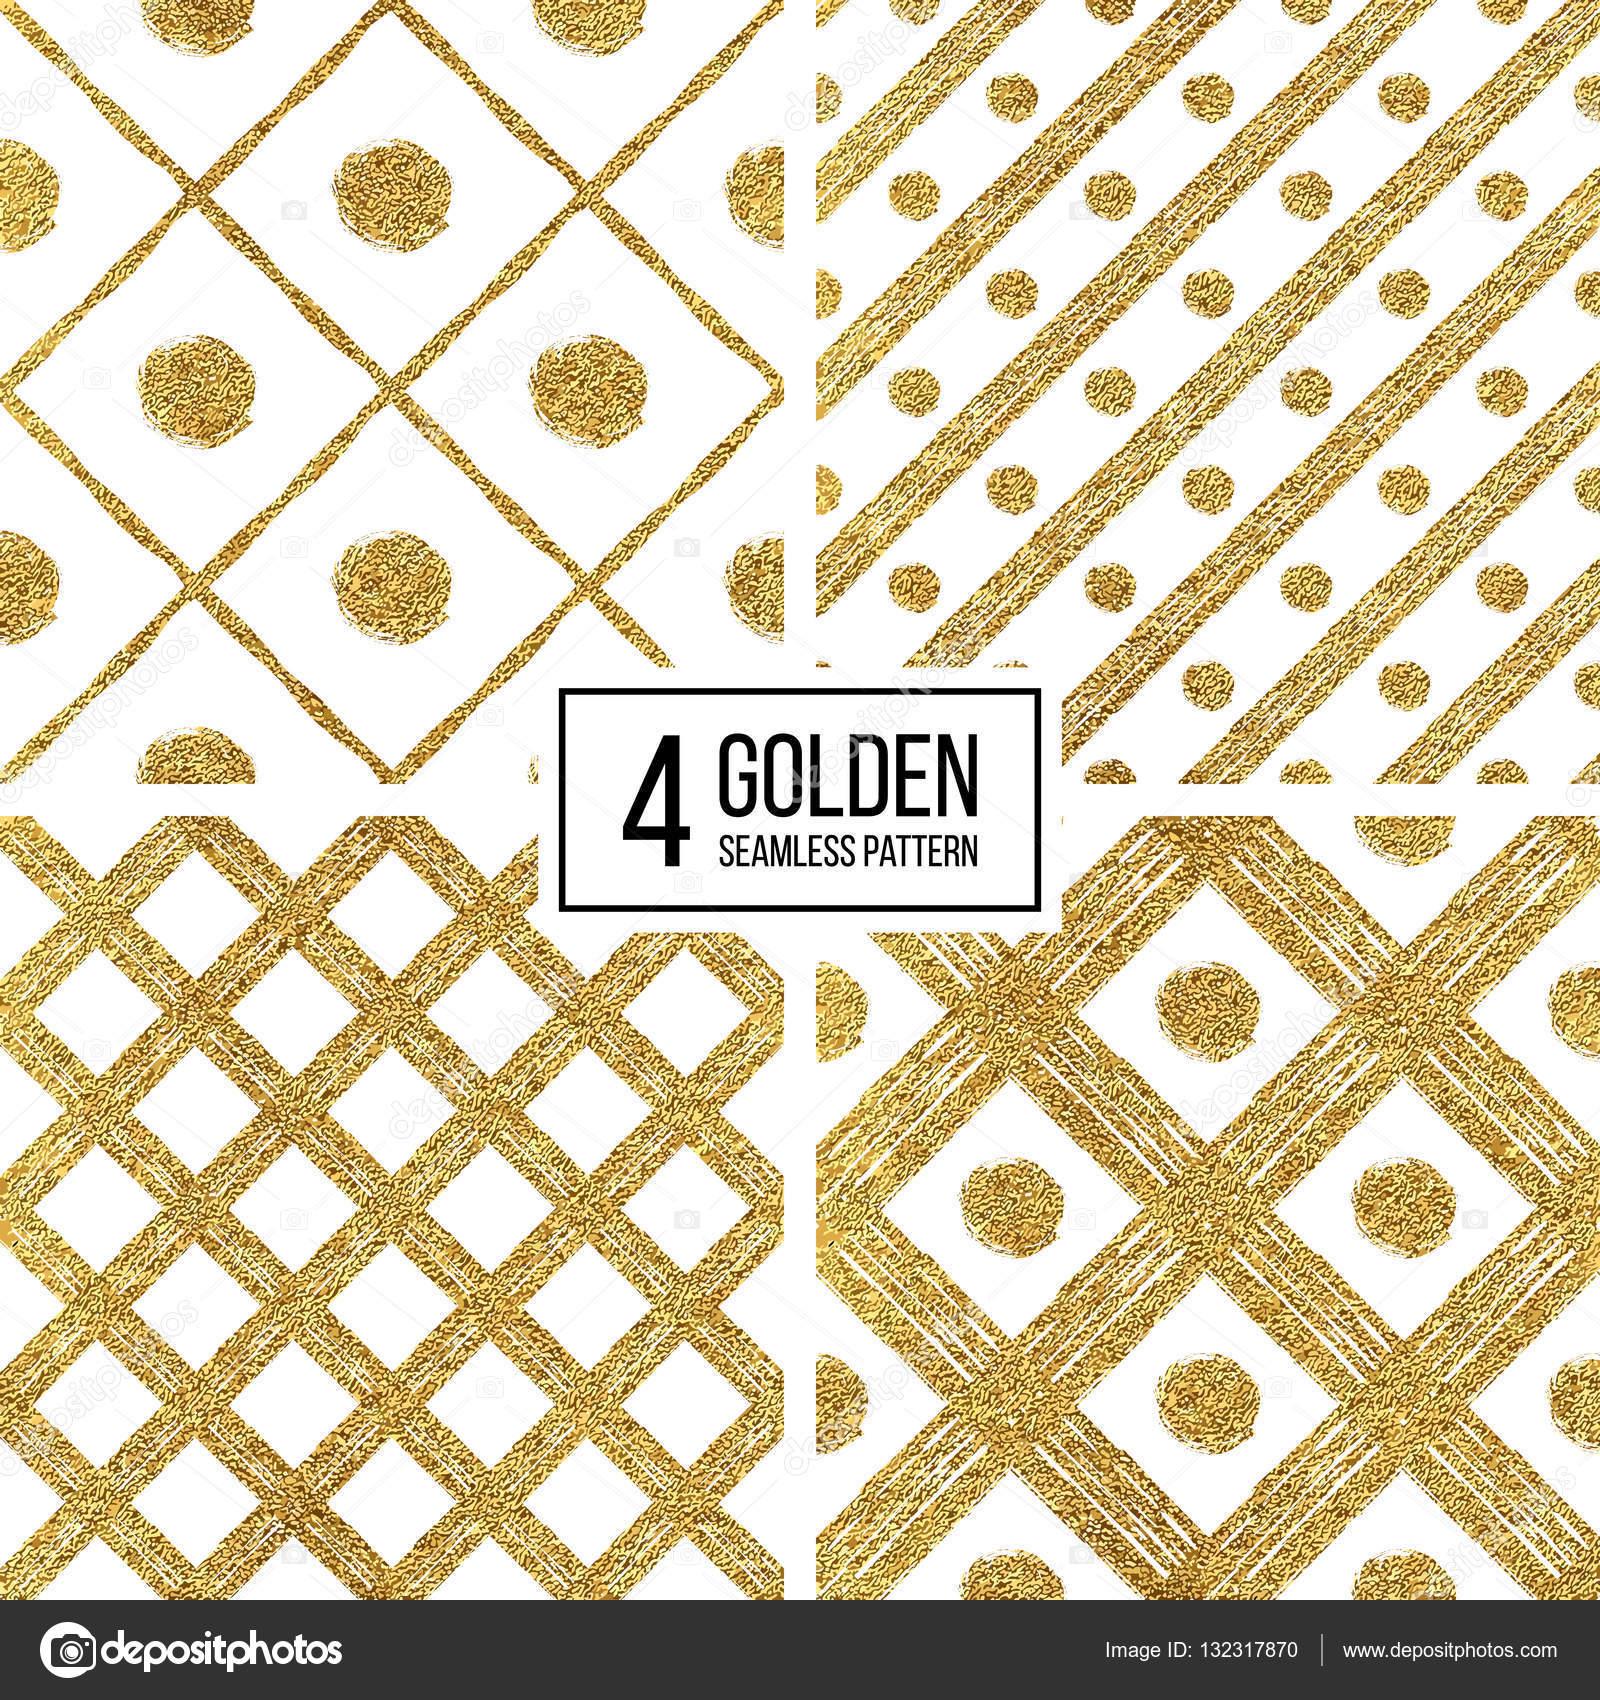 cb246fe0d6 Insieme del reticolo senza giunte del grunge di oro argento strisce  diagonali e cerchio, priorità bassa senza giunte dorato e silvern linee e  punti, ...